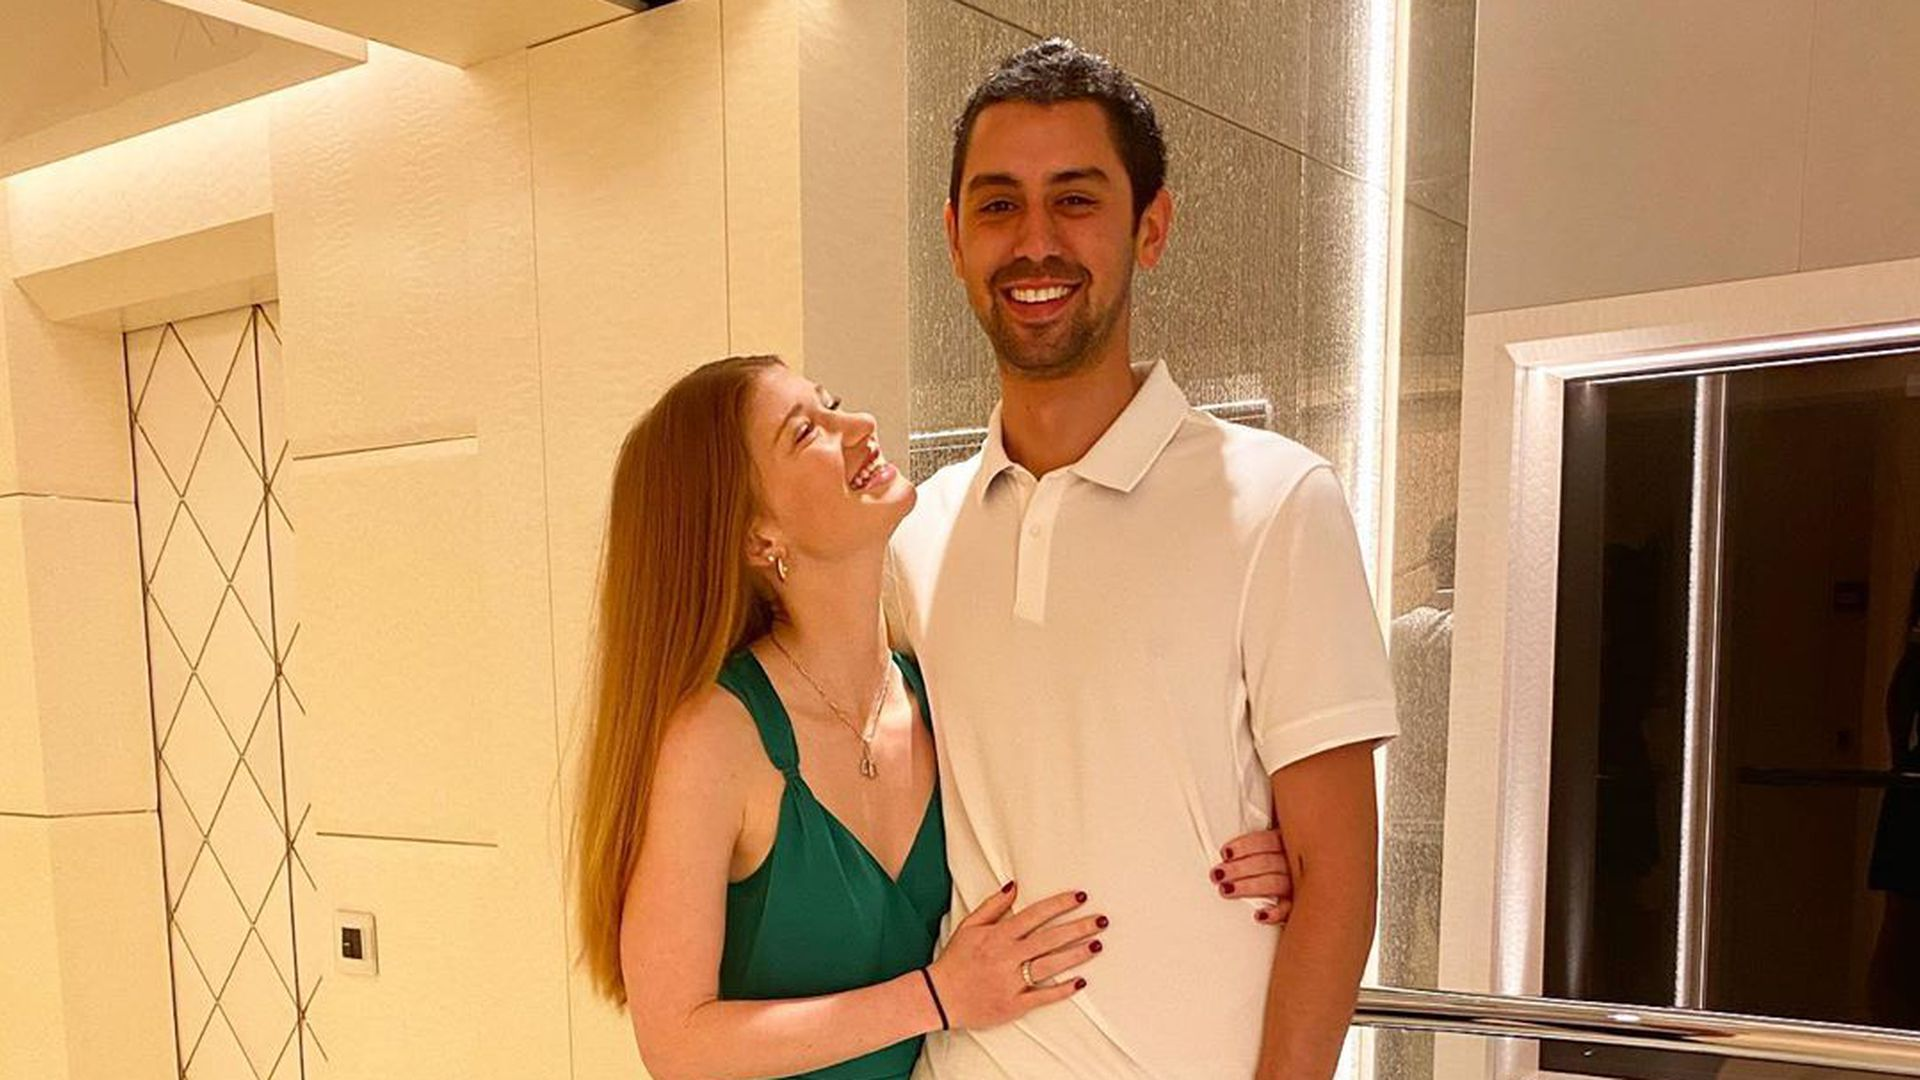 Gates-Tochter teilt erste Bilder ihrer Millionen-Hochzeit